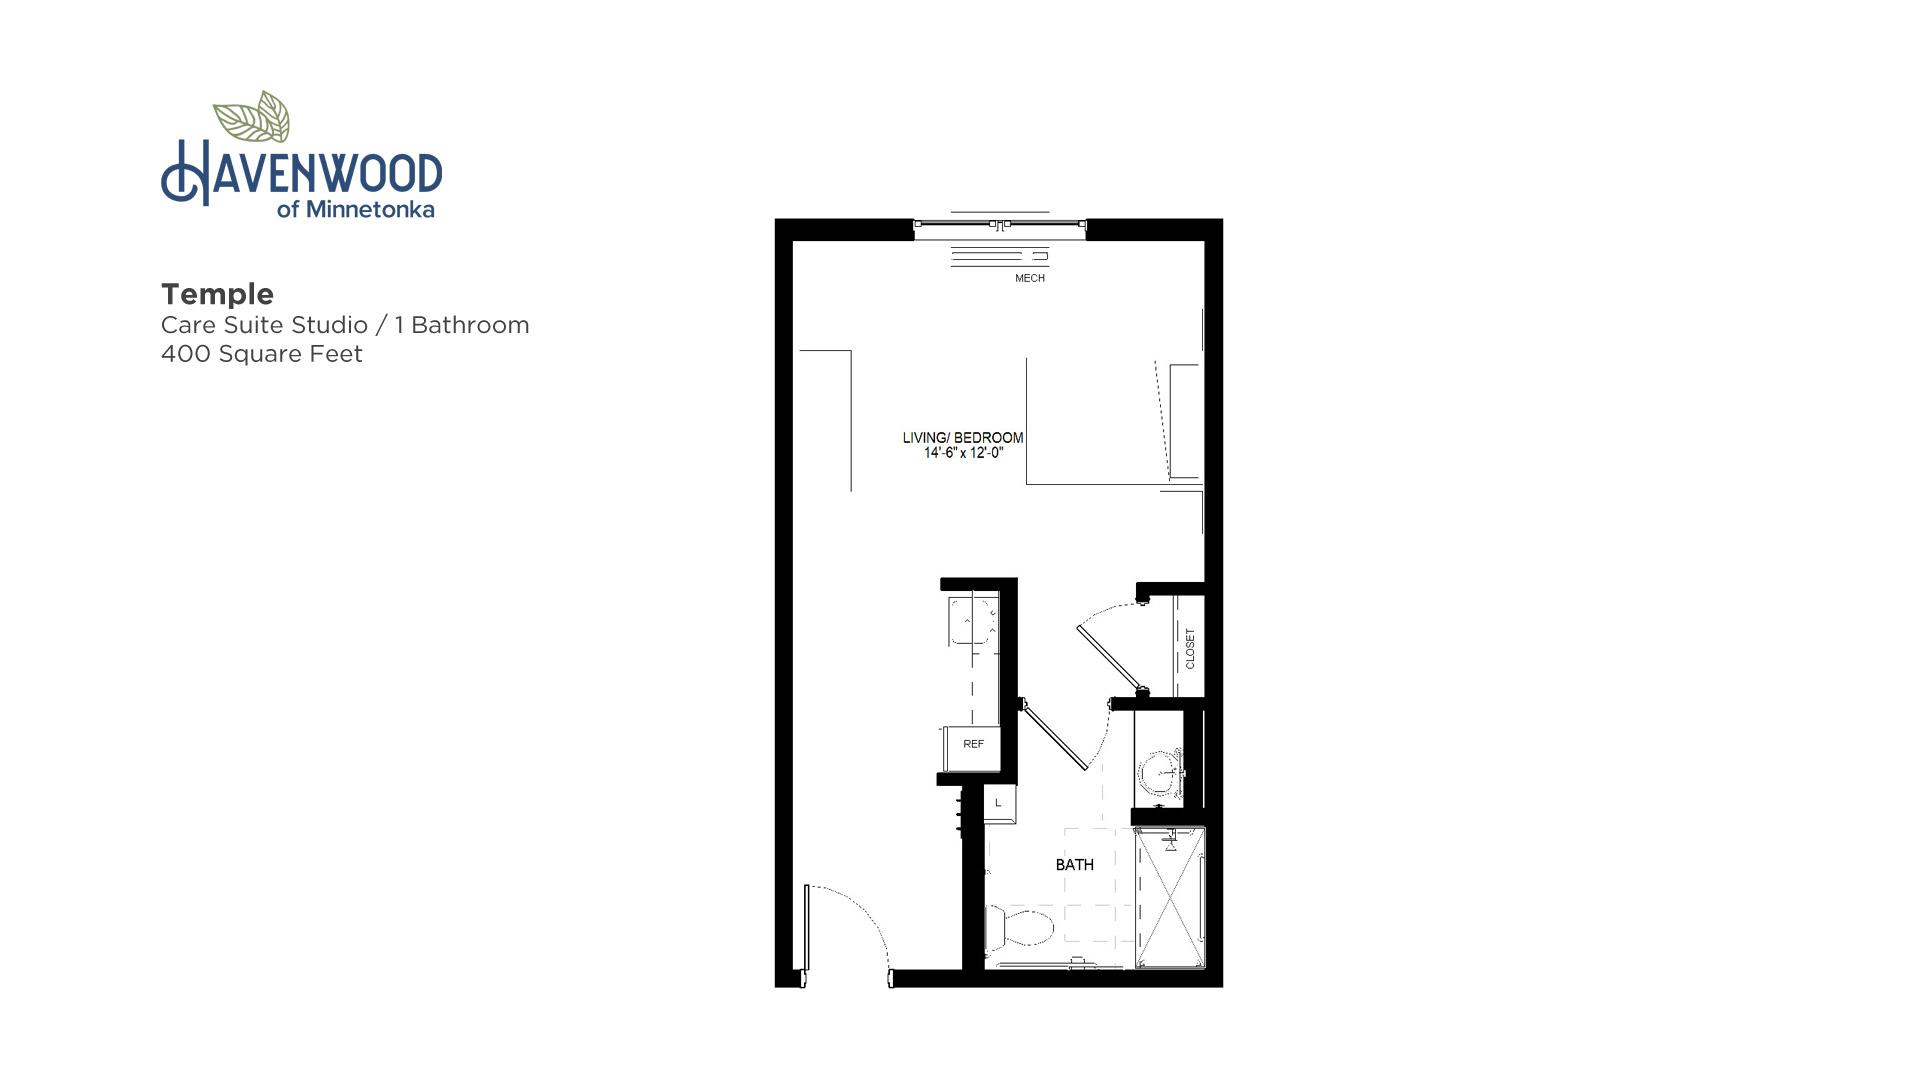 Havenwood of Minnetonka Temple Floor Plan